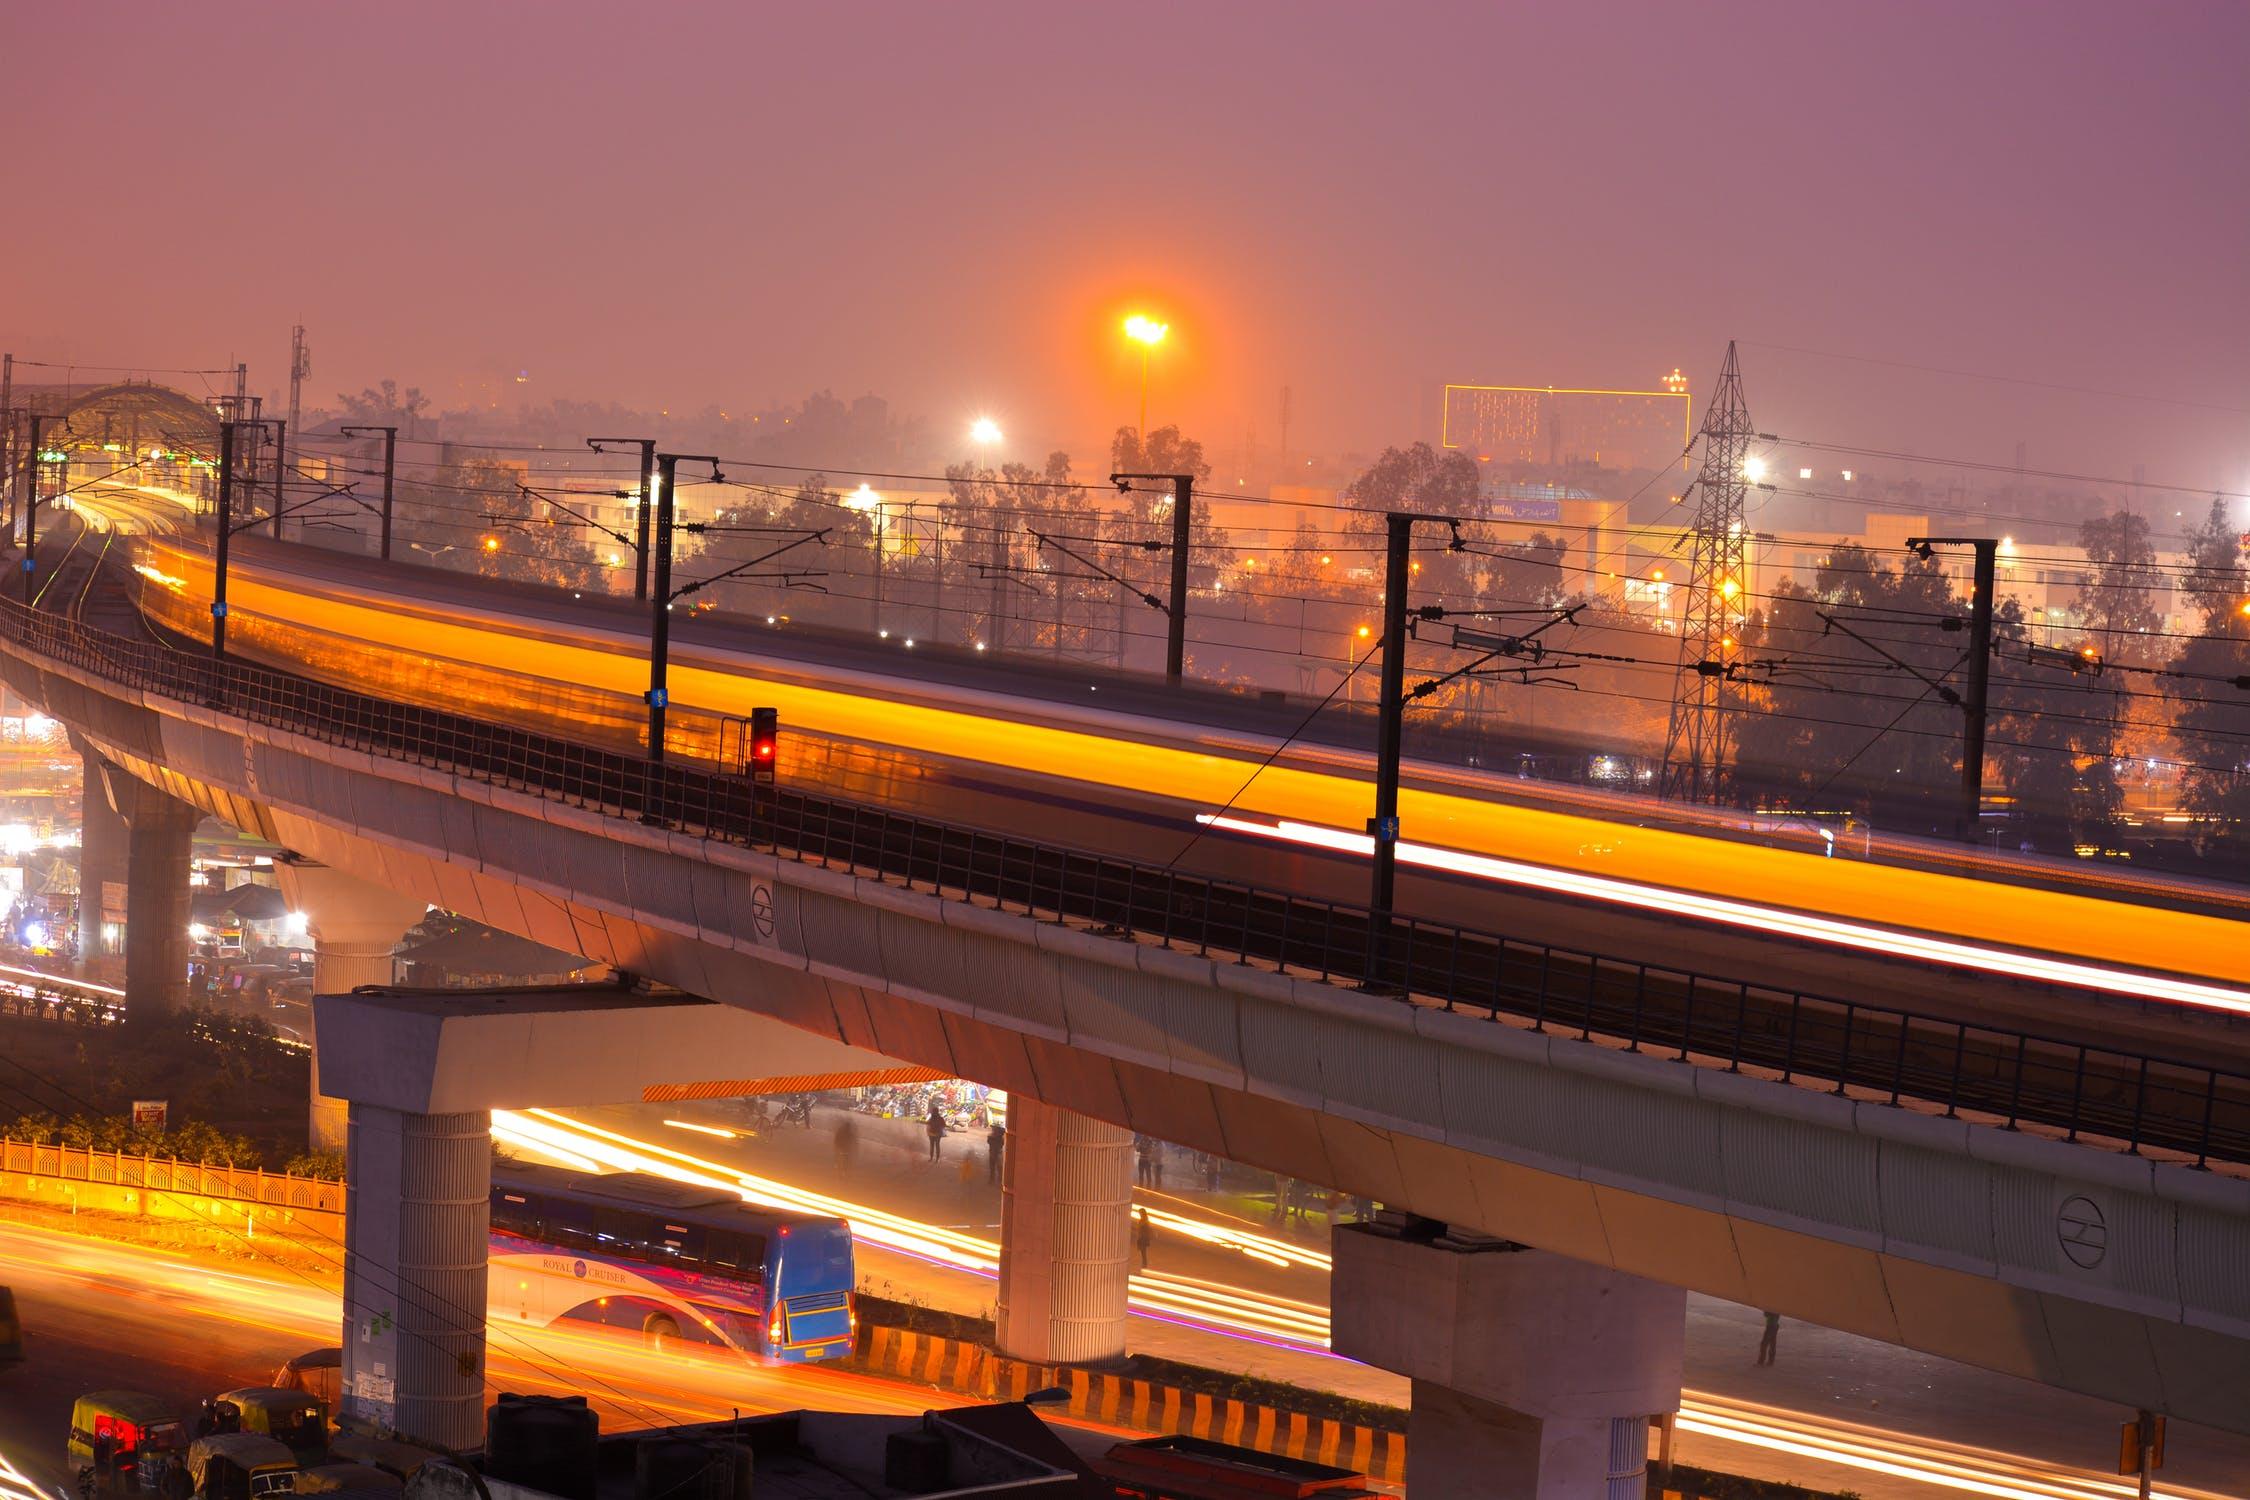 भारताची राजधानी दिल्ली हे पर्यटकांचं केंद्र बिंदू आहे. थंडीच्या दिवसांत जगभरातले पर्यटक खास थंडीत दिल्लीत येतात. इथे लोक संस्कृती, कला आणि नैसर्गिक सौंदर्य पाहायला येतात. भव्य आणि अतिशय सुंदर उद्यानं आणि ऐतिहासिक वास्तूंसाठी दिल्ली ओळखली जाते.